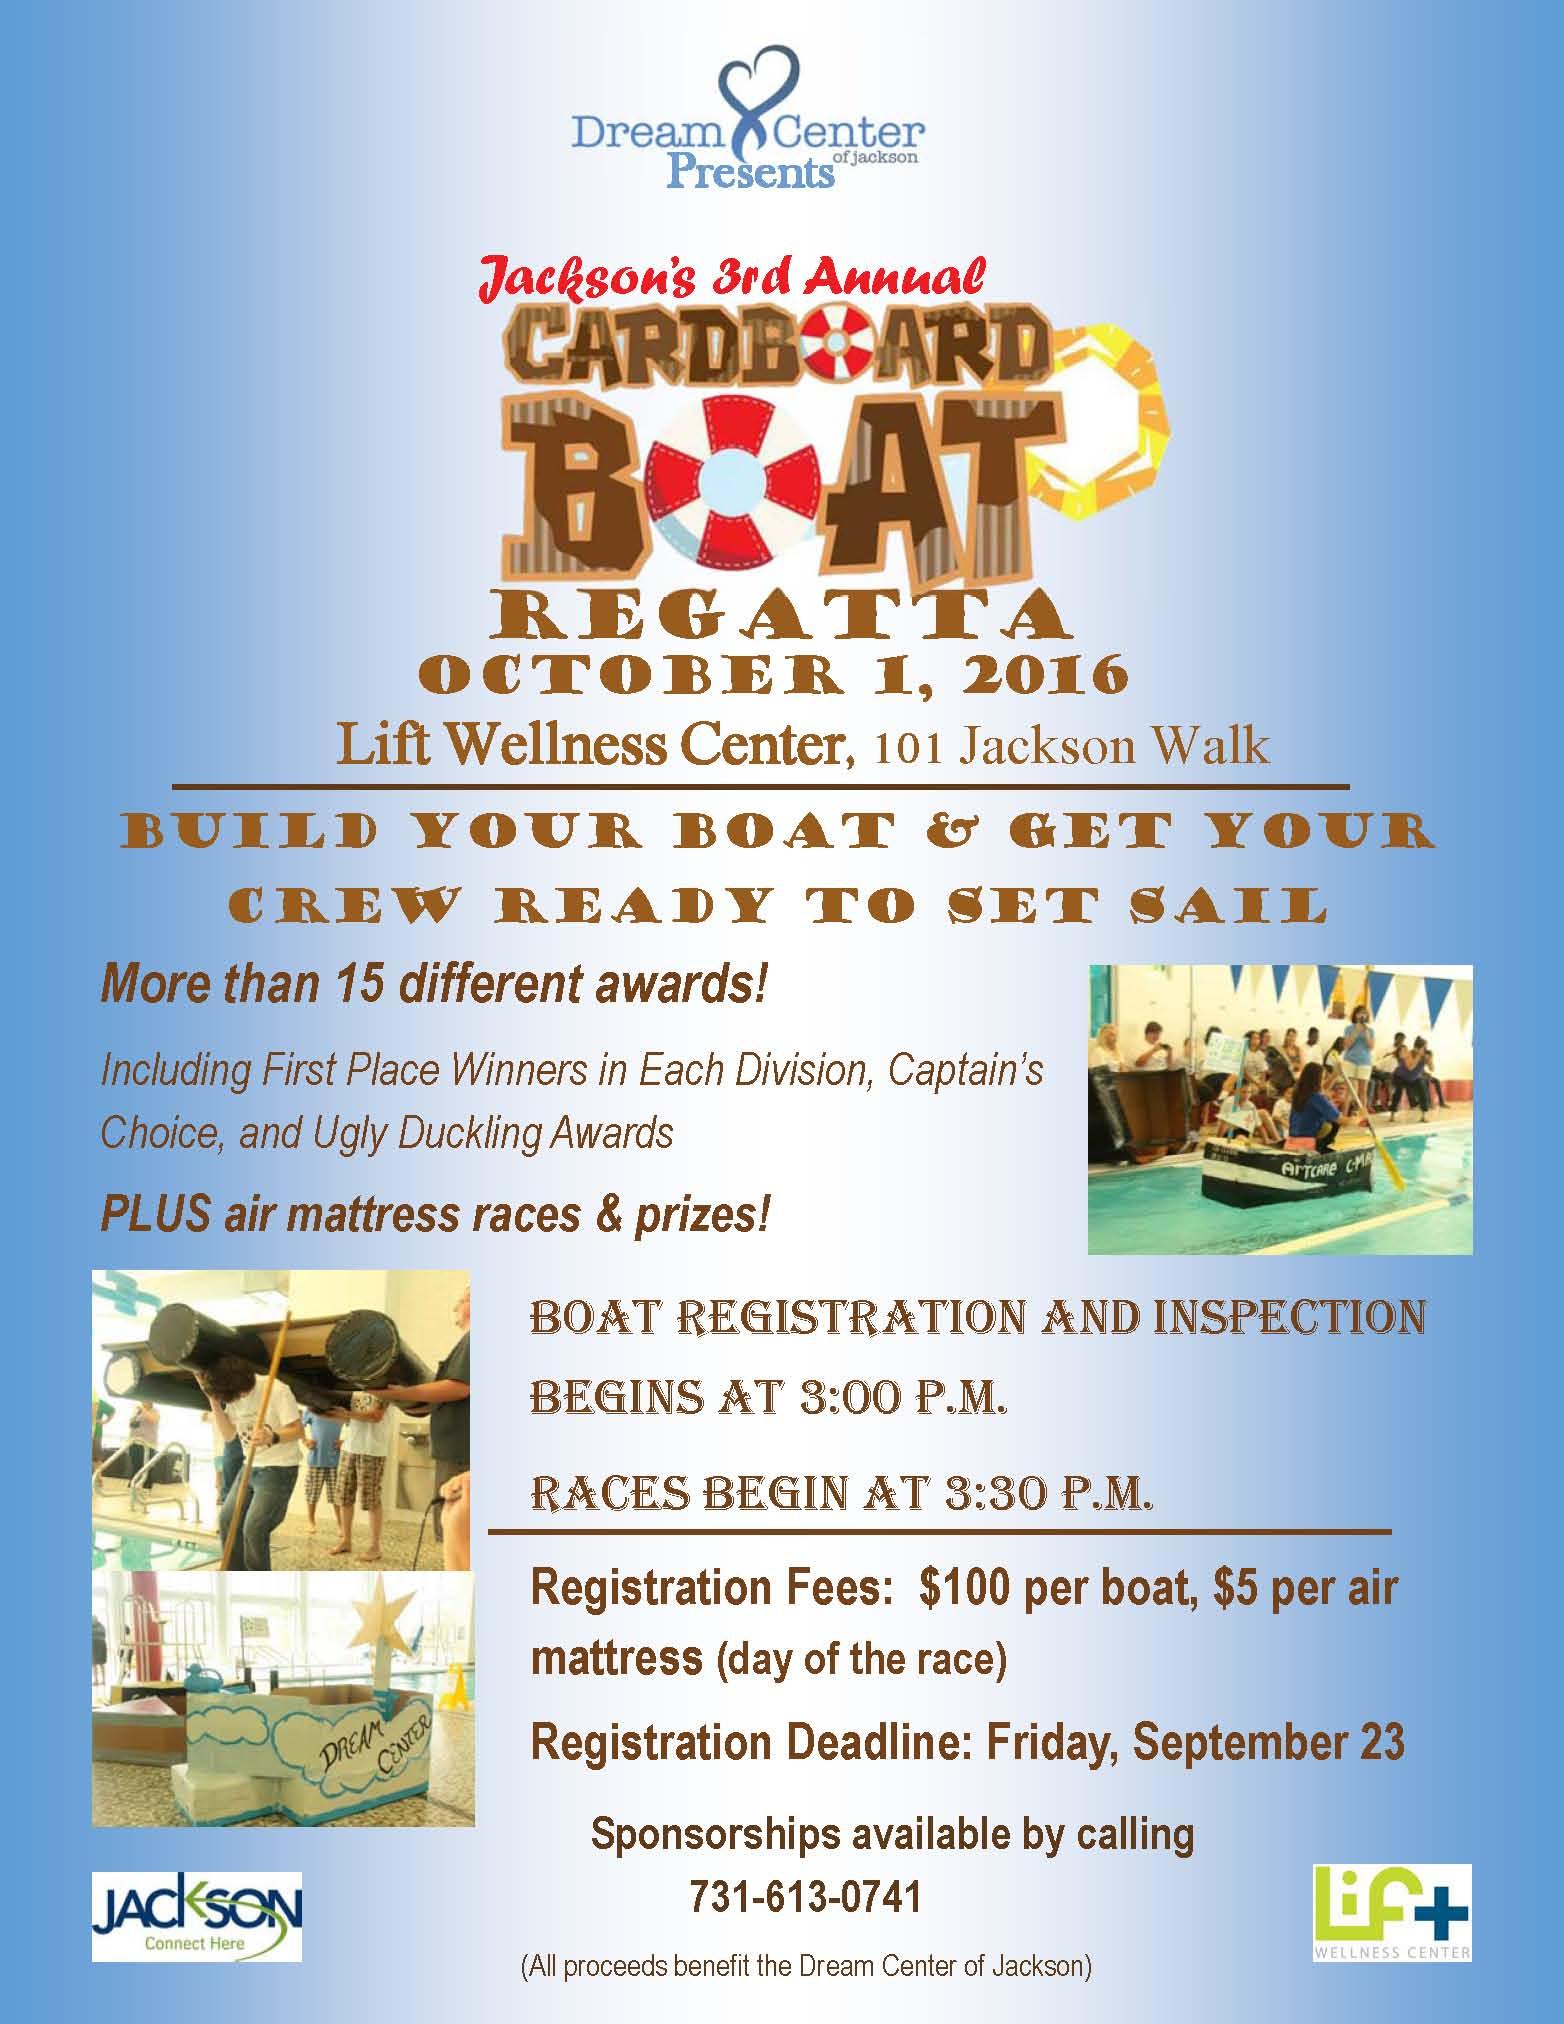 The Dream Center Cardboard Boat Regatta